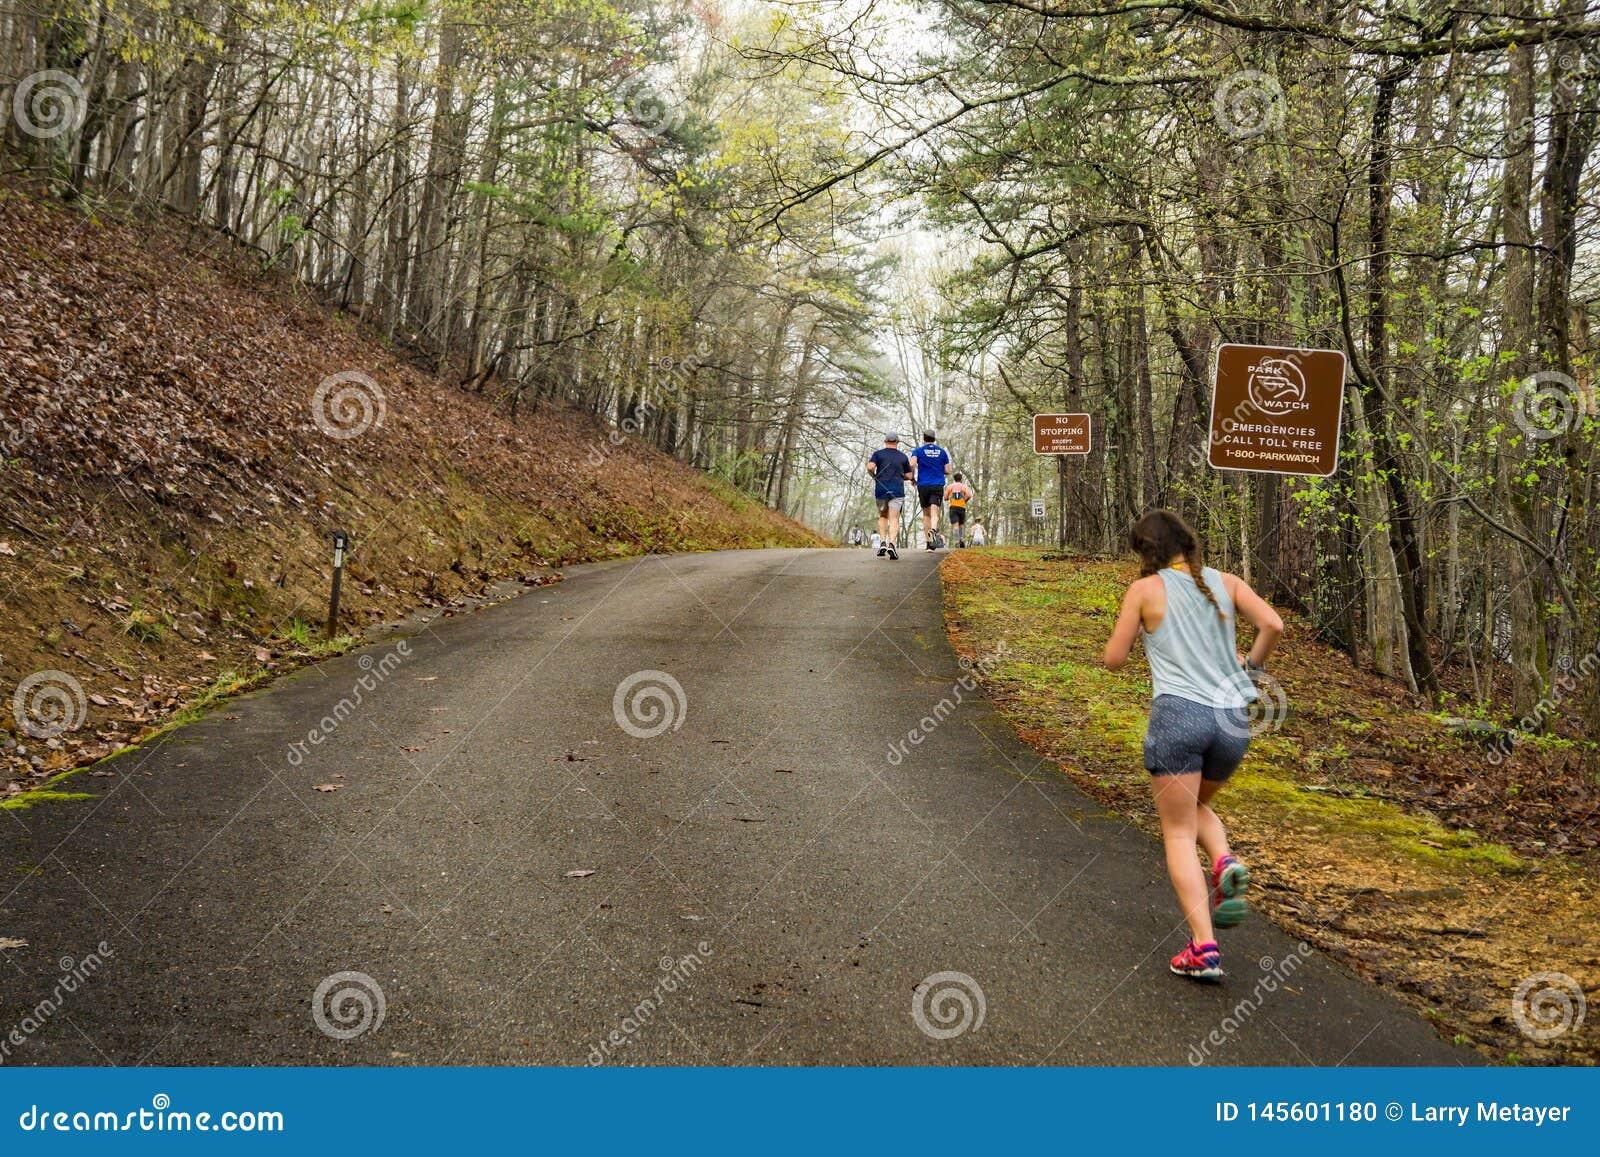 Coureurs escaladant la montagne de Roanoke